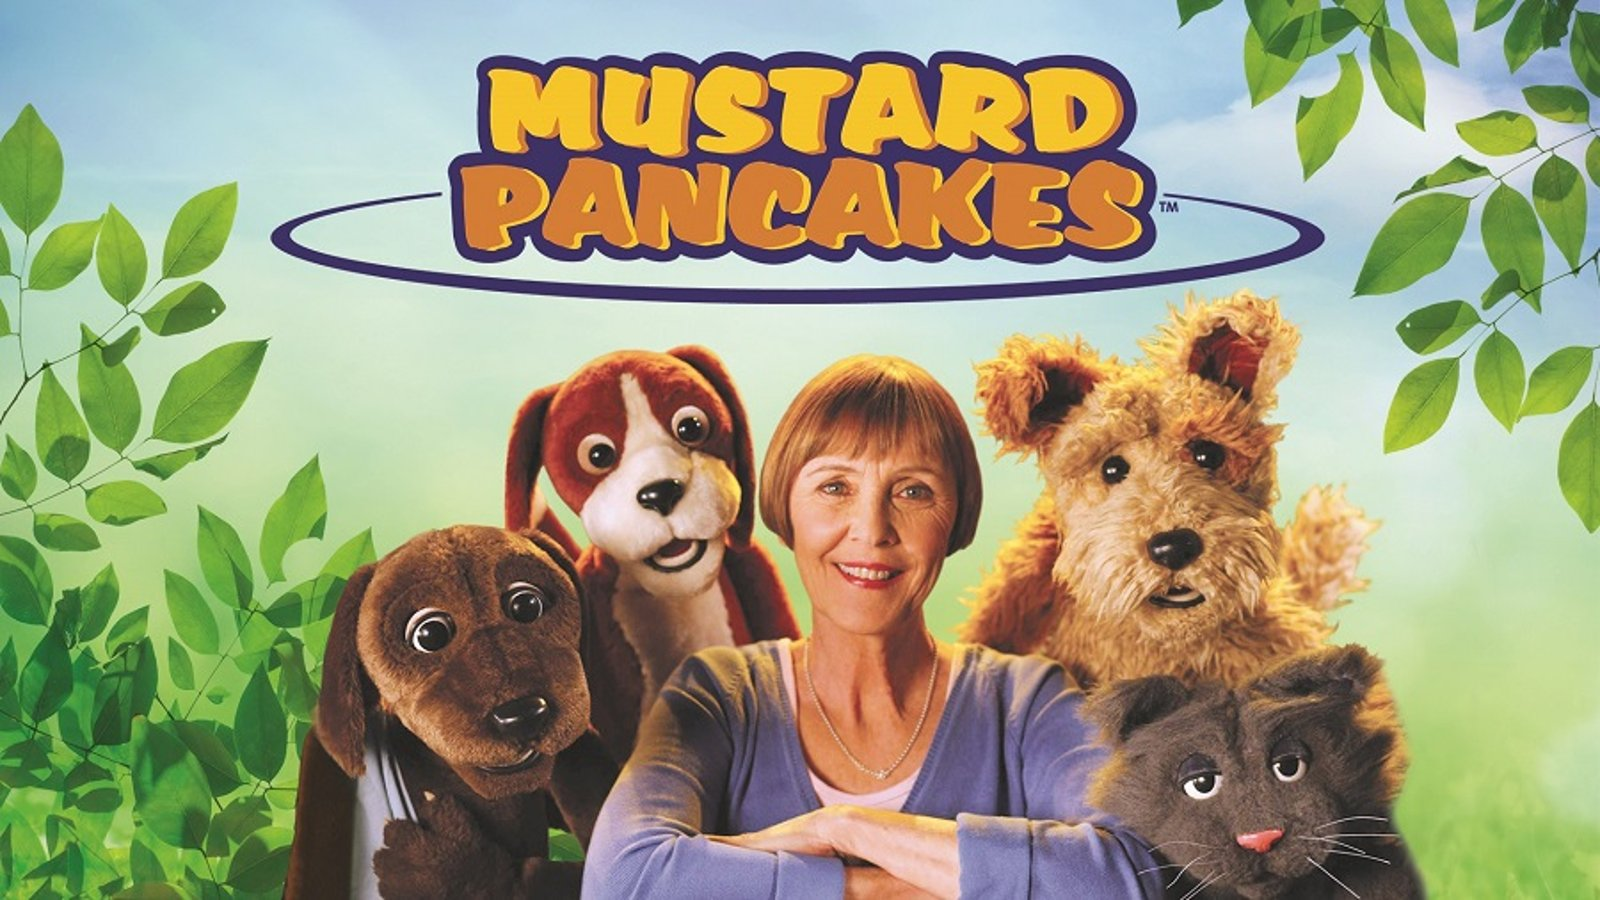 Mustard Pancakes